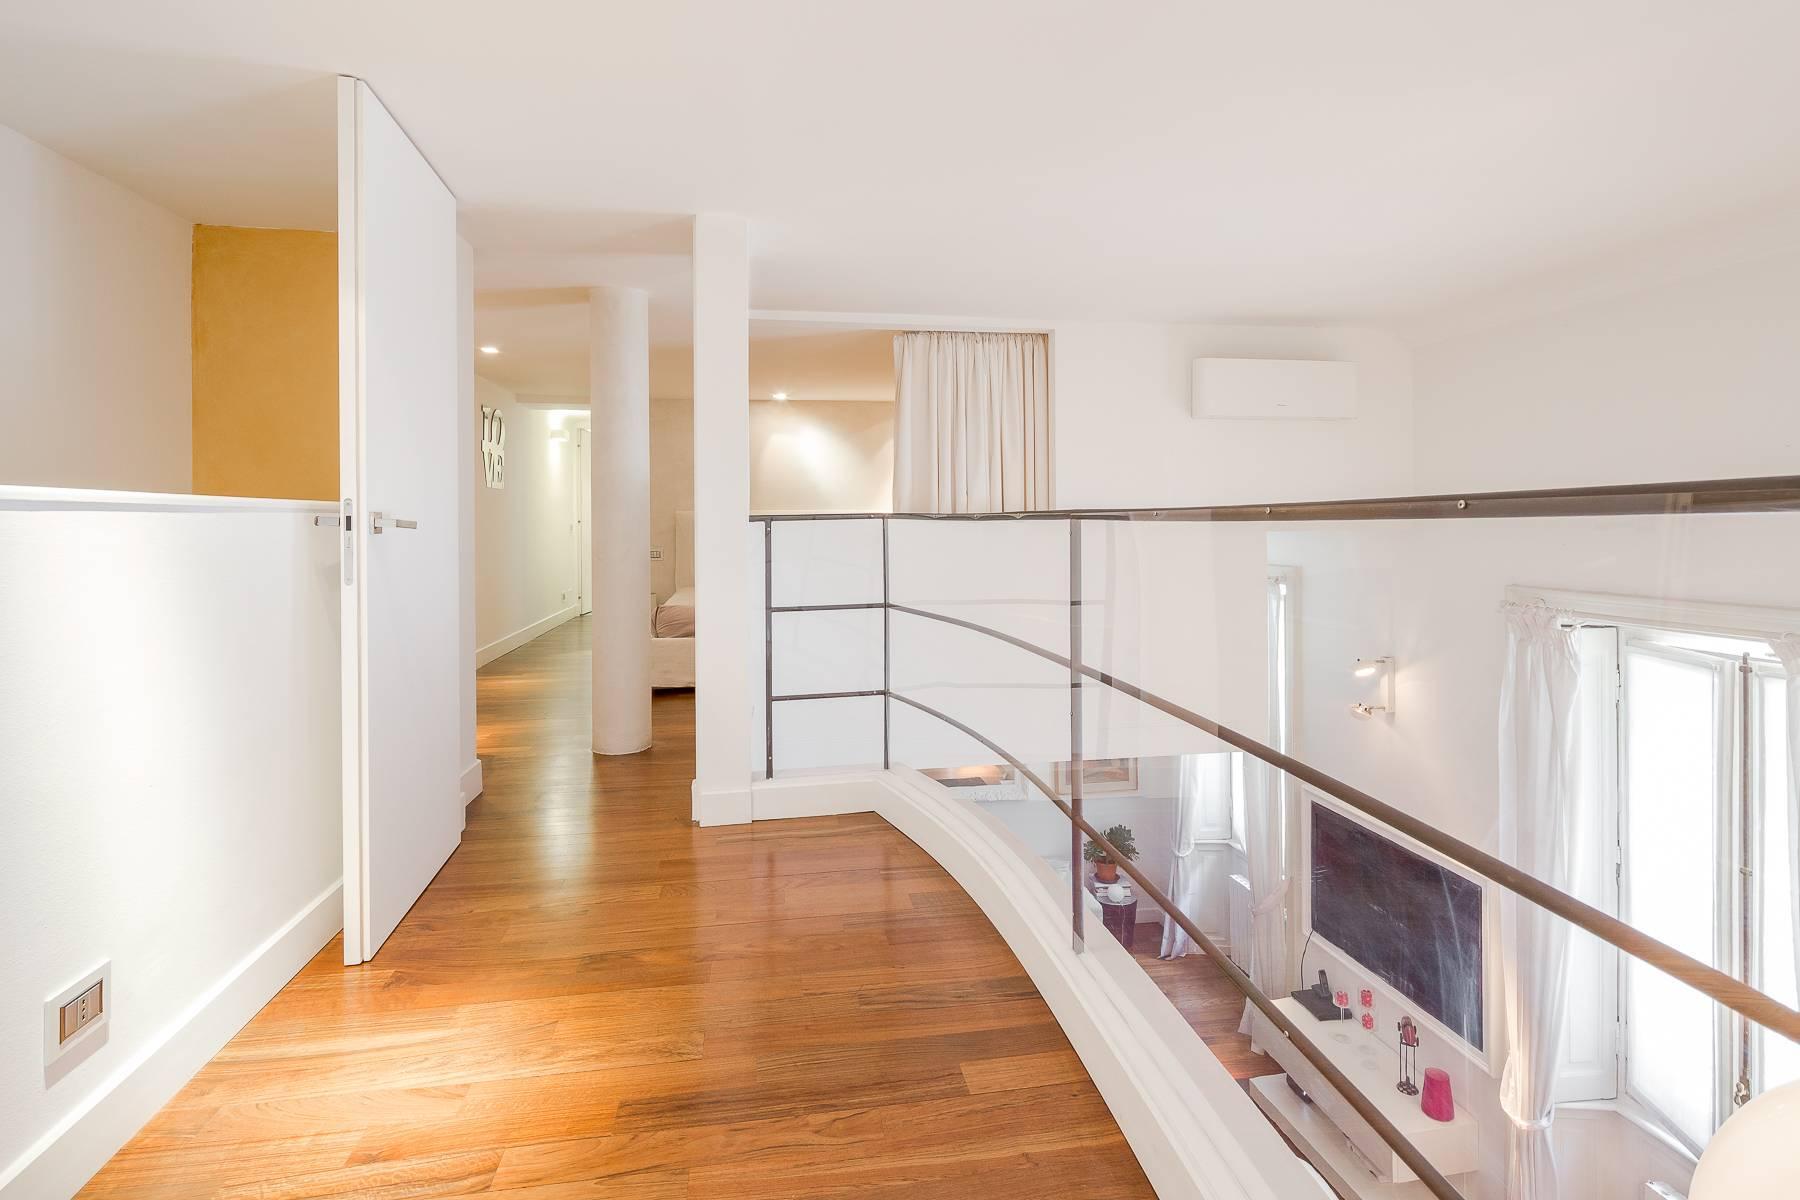 位于布雷拉区Via Montebello与De Marchi交汇处的公寓/复式 - 15